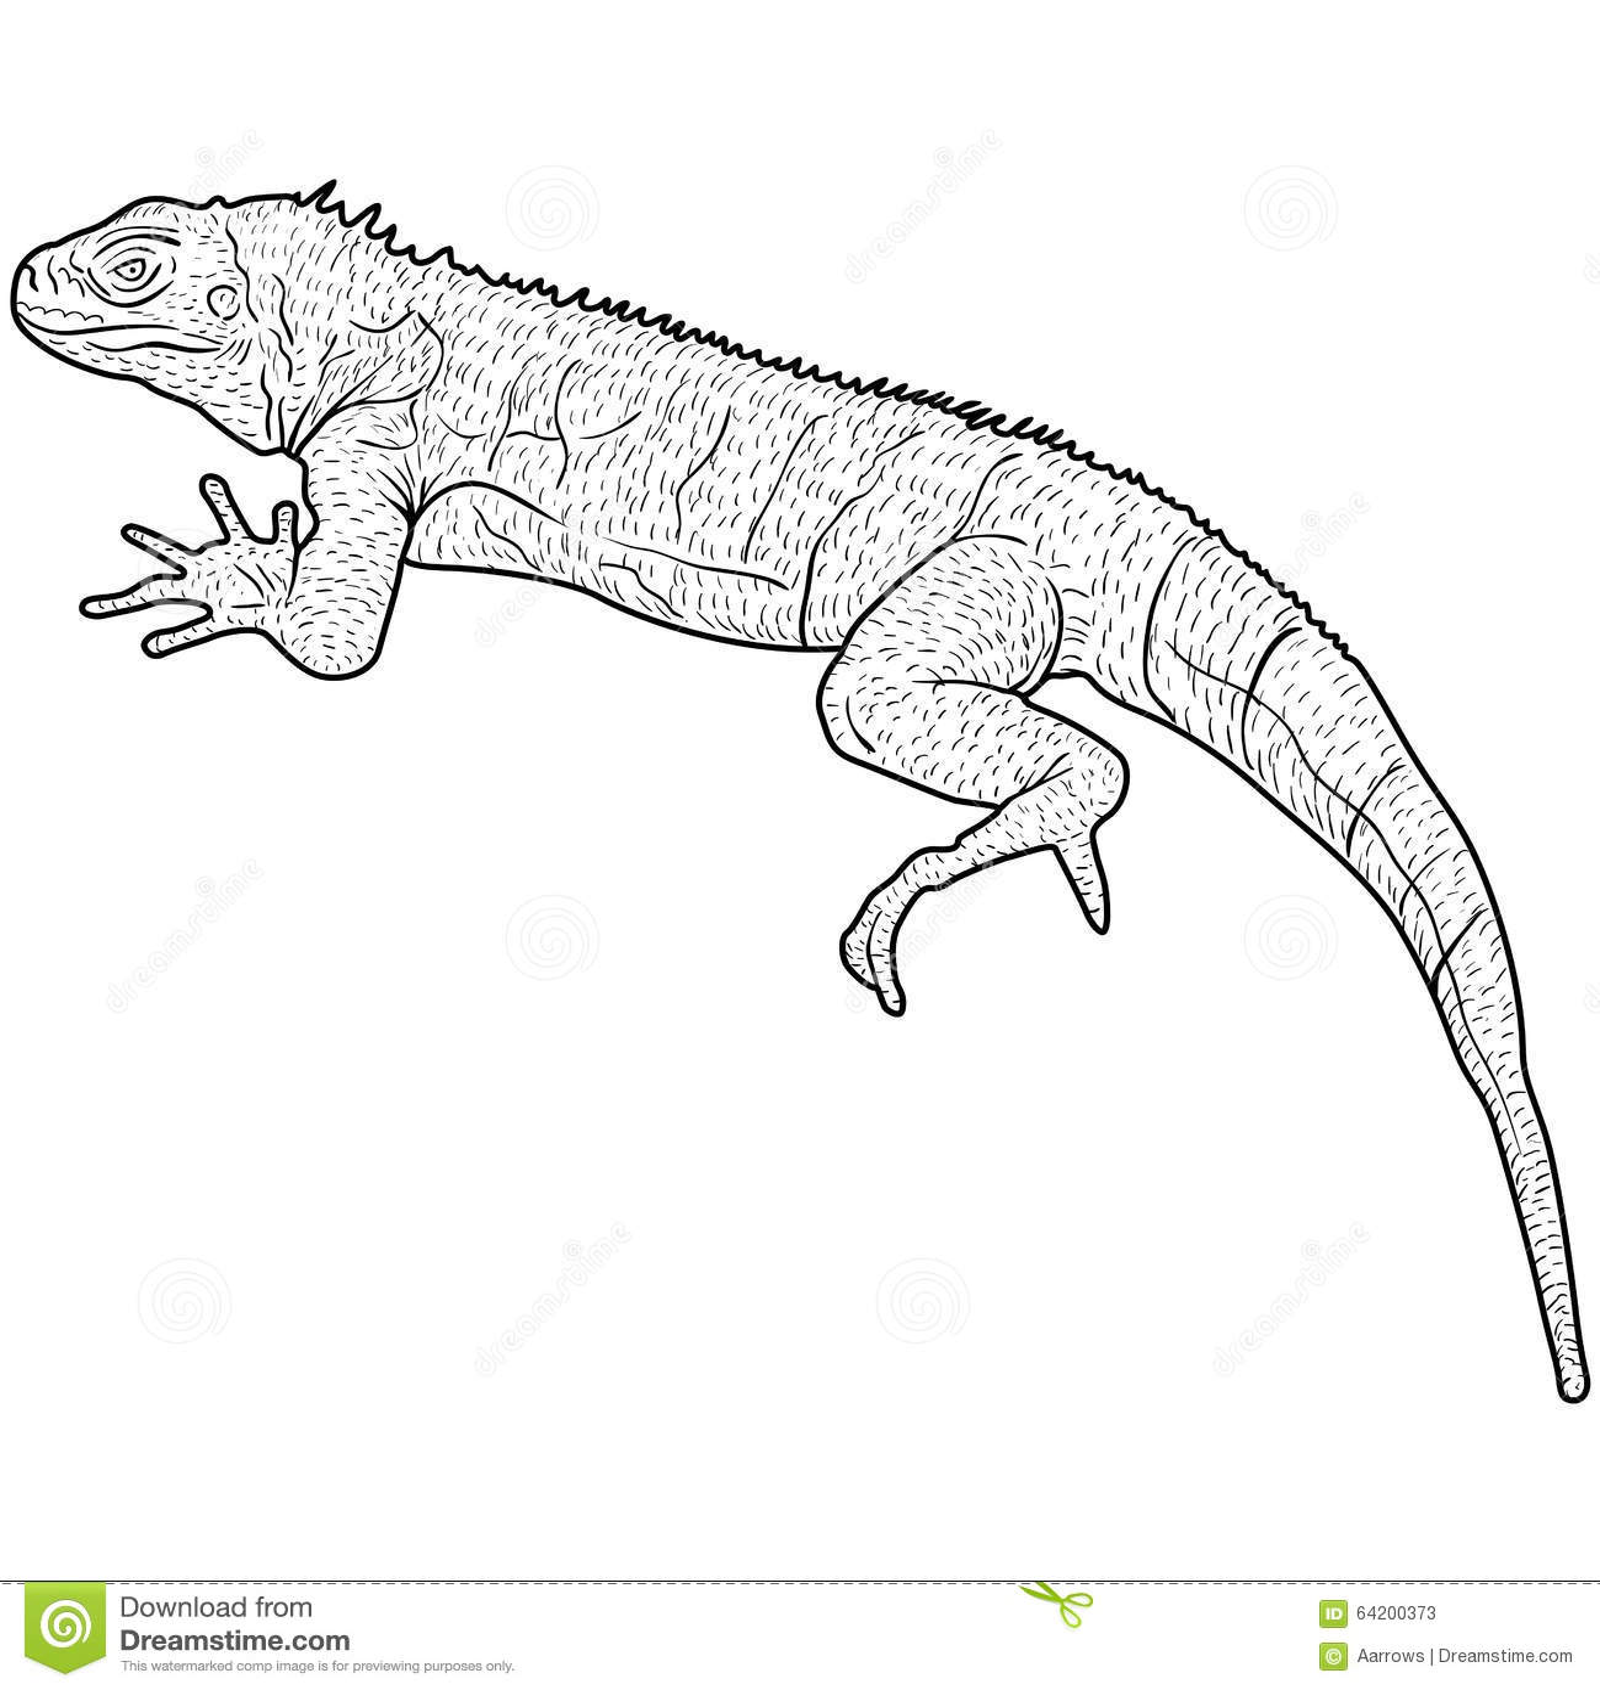 El lagarto es silueta del goanna en un fondo blanco